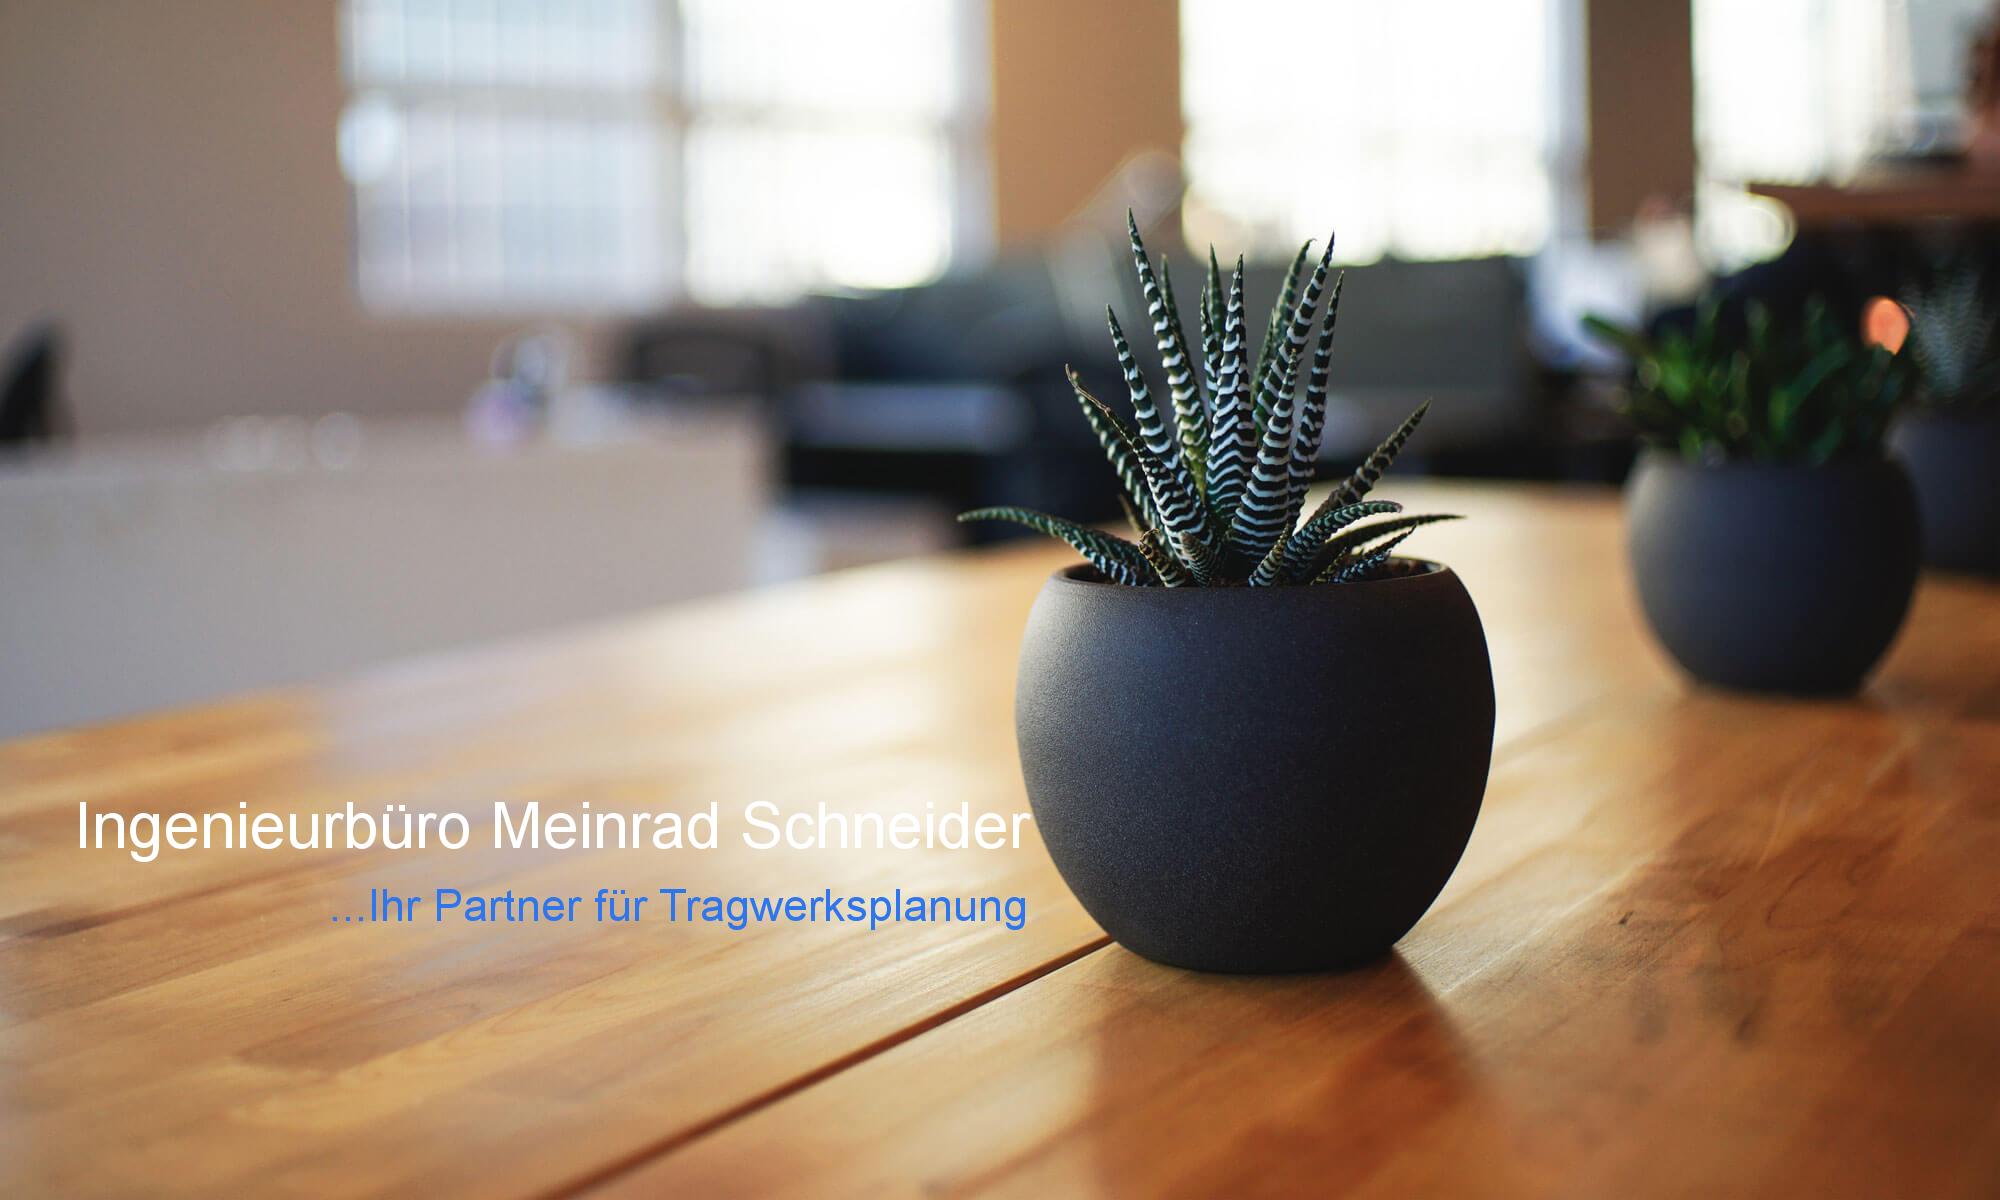 Ingenieurbüro Meinrad Schneider